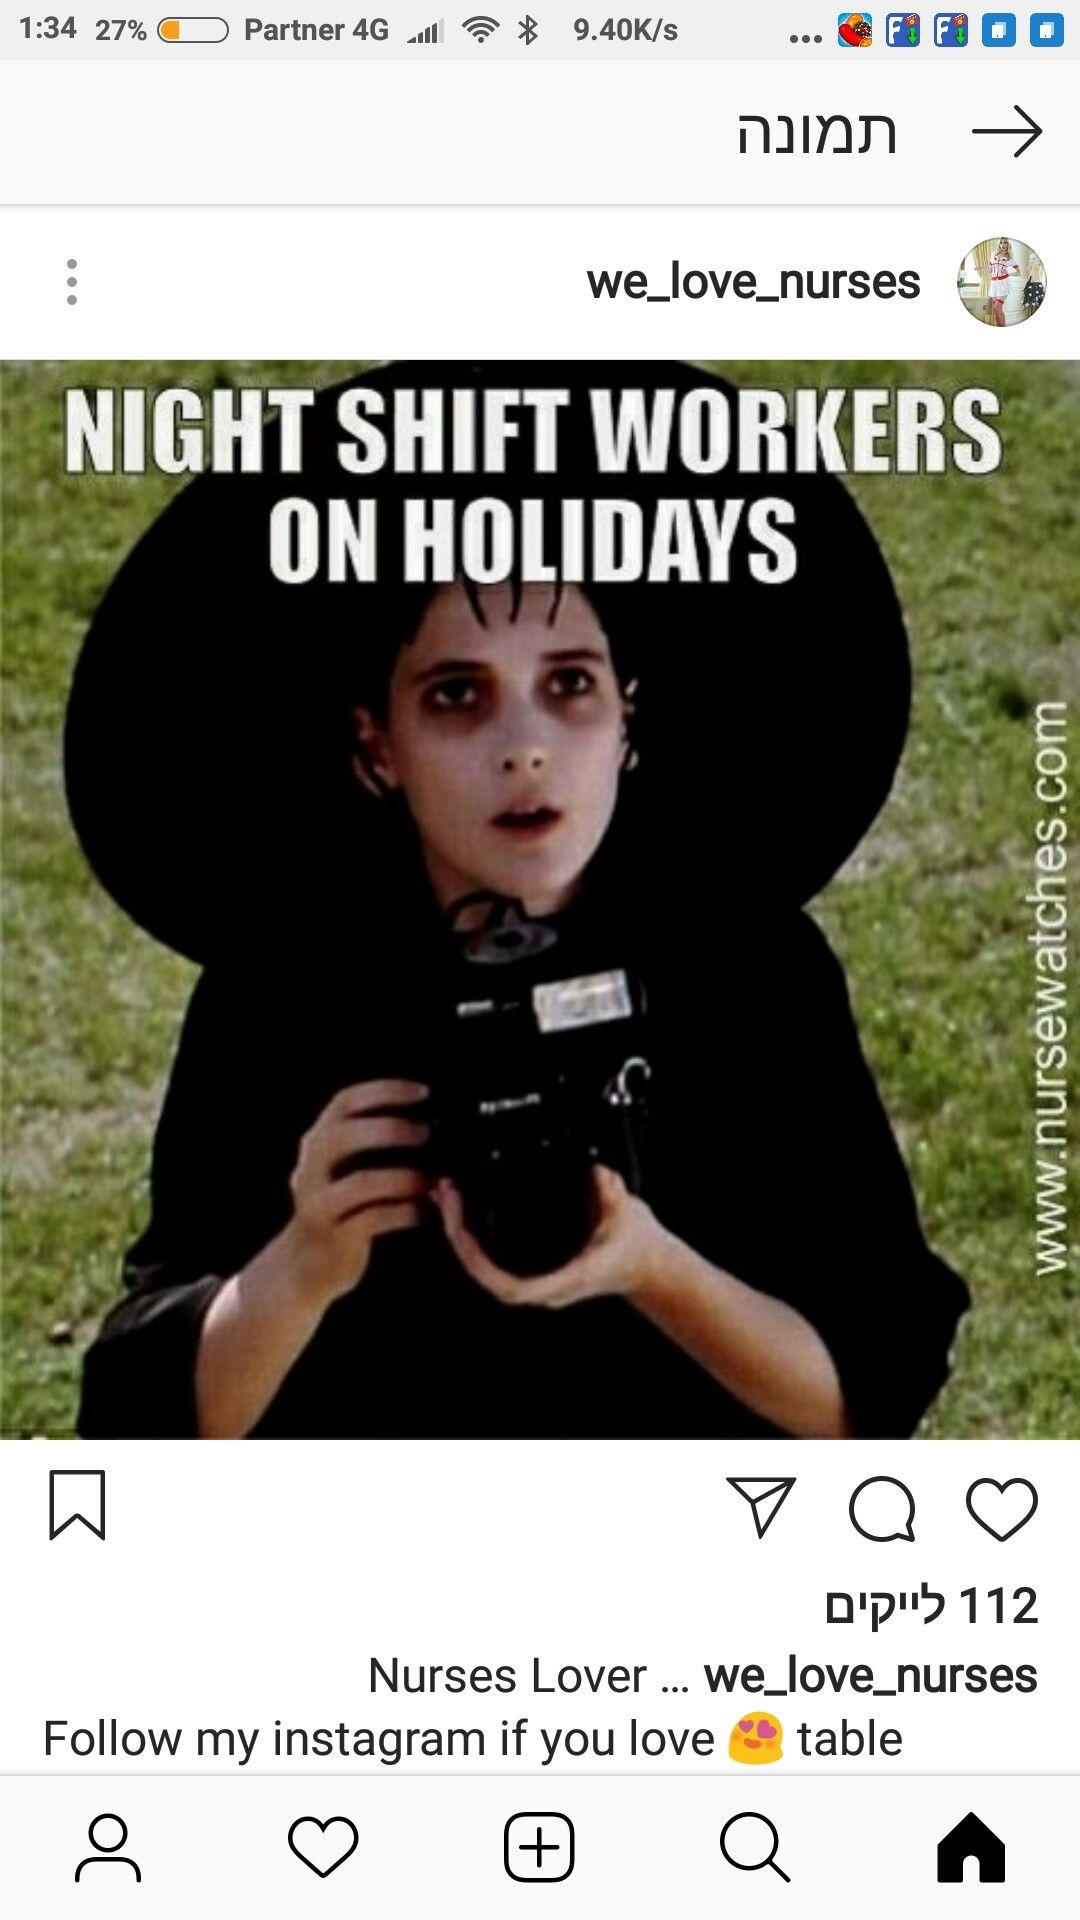 Night Is Life Night Nurse Humor Night Shift Nurse Humor Night Shift Humor